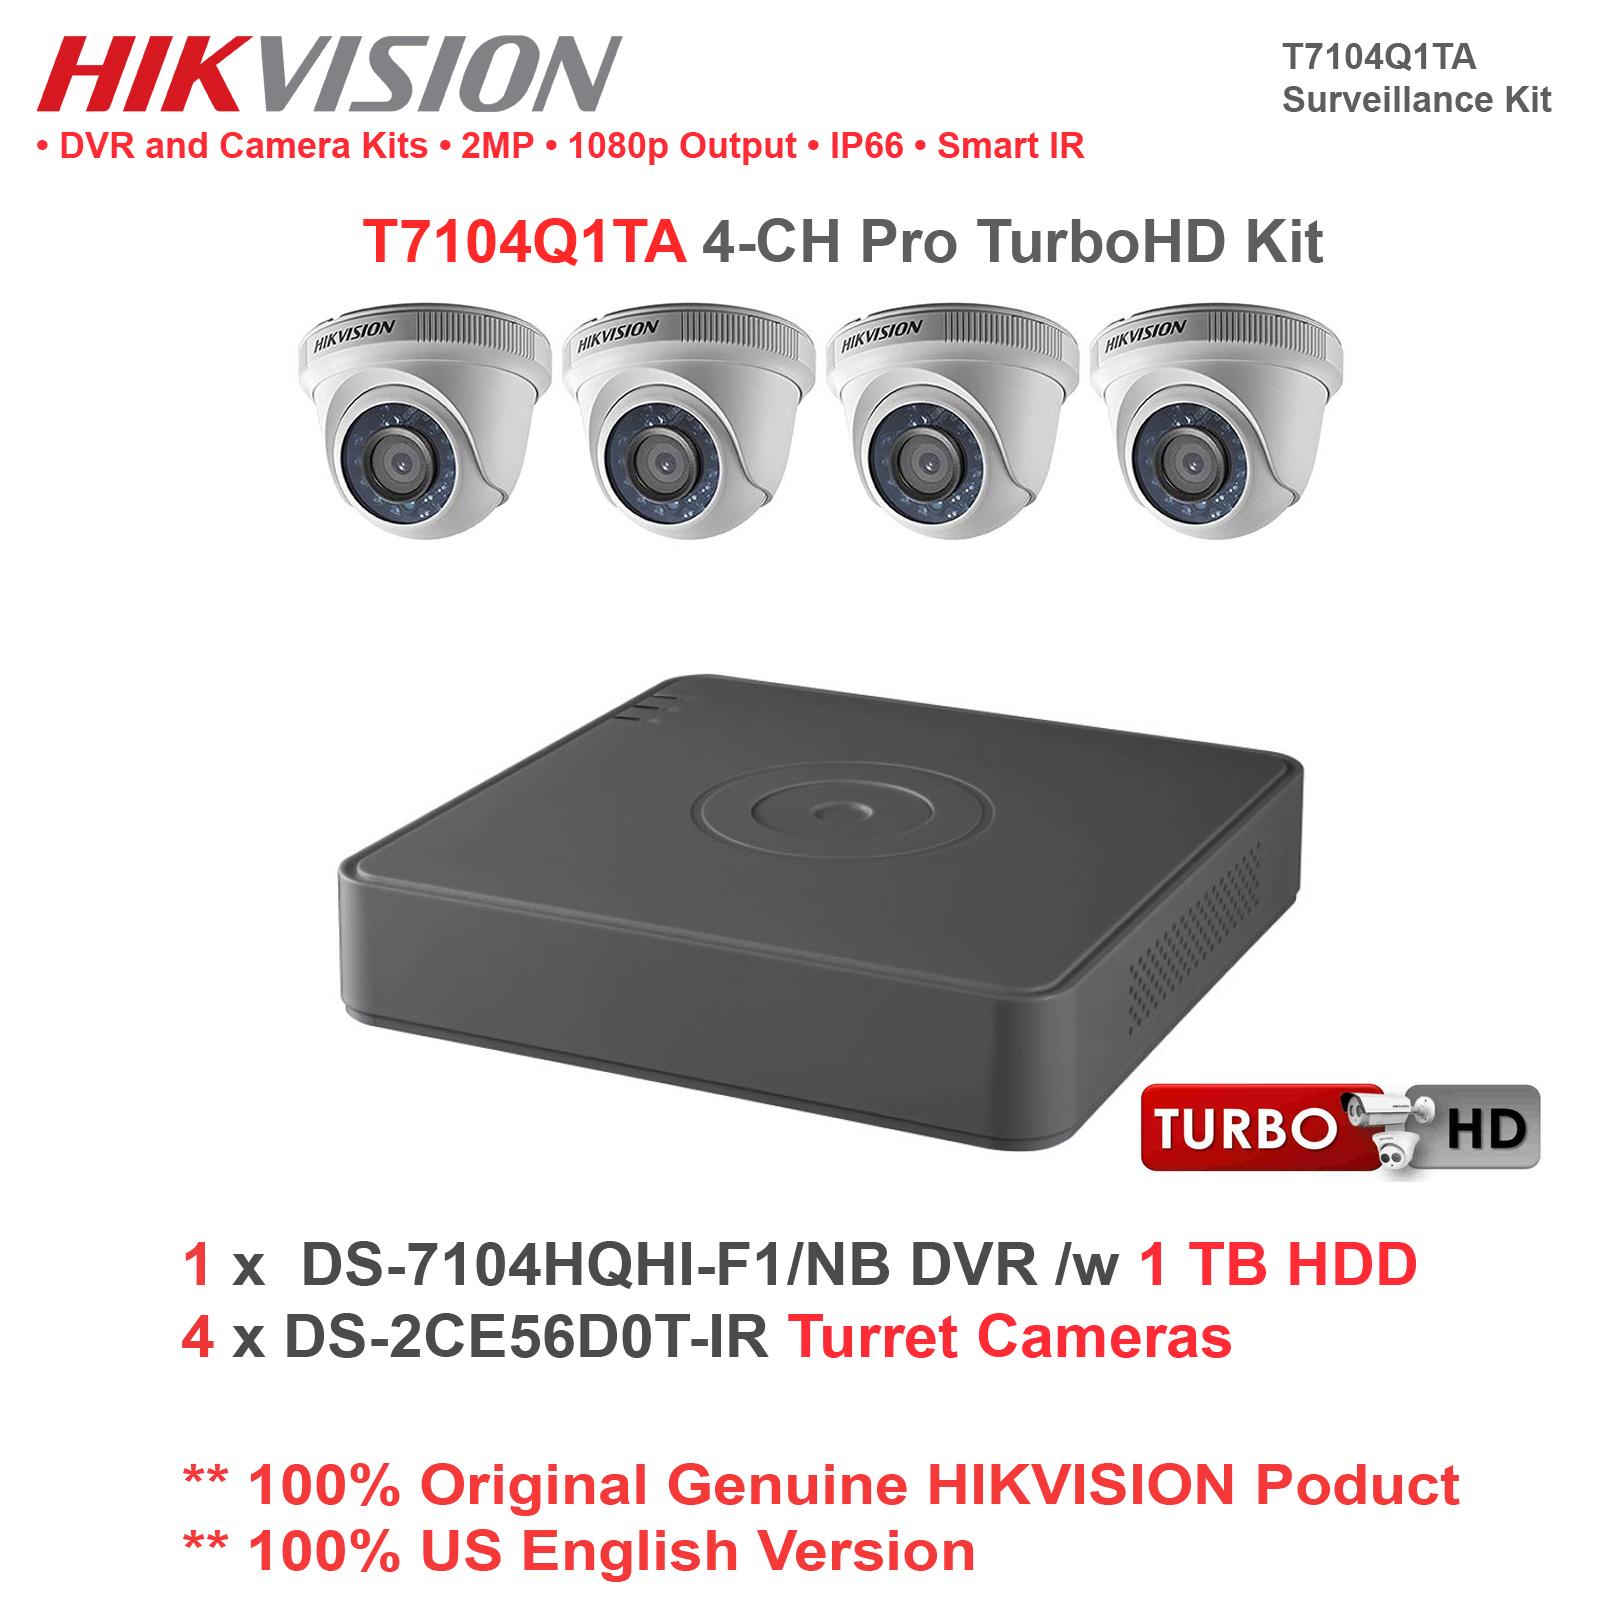 NEW!! Hikvsion T7104Q1TA 4CH Pro TurboHD Kit //w 1TB HDD//4 Turret Cameras//1 DVR